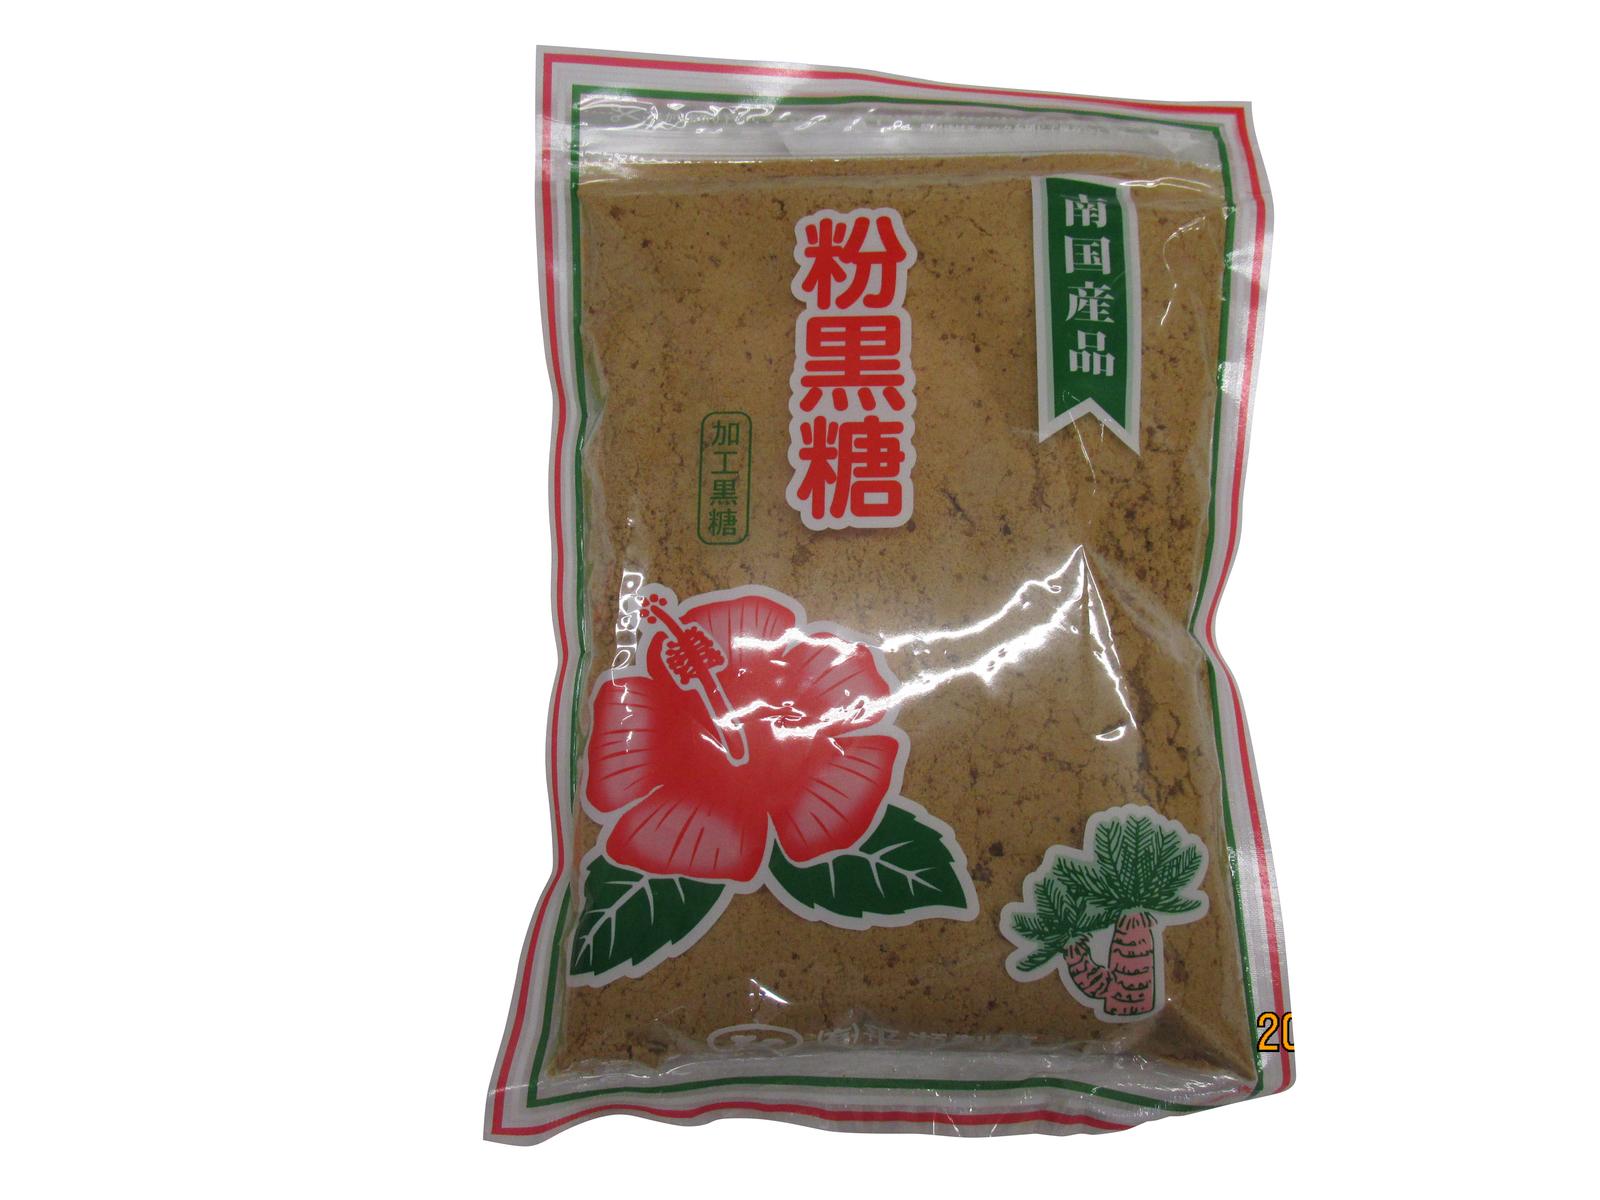 日本正規代理店品 徳之島産品 一部予約 黒糖の風味を生かしたお料理やお菓子作りに最適です 粉黒糖400g